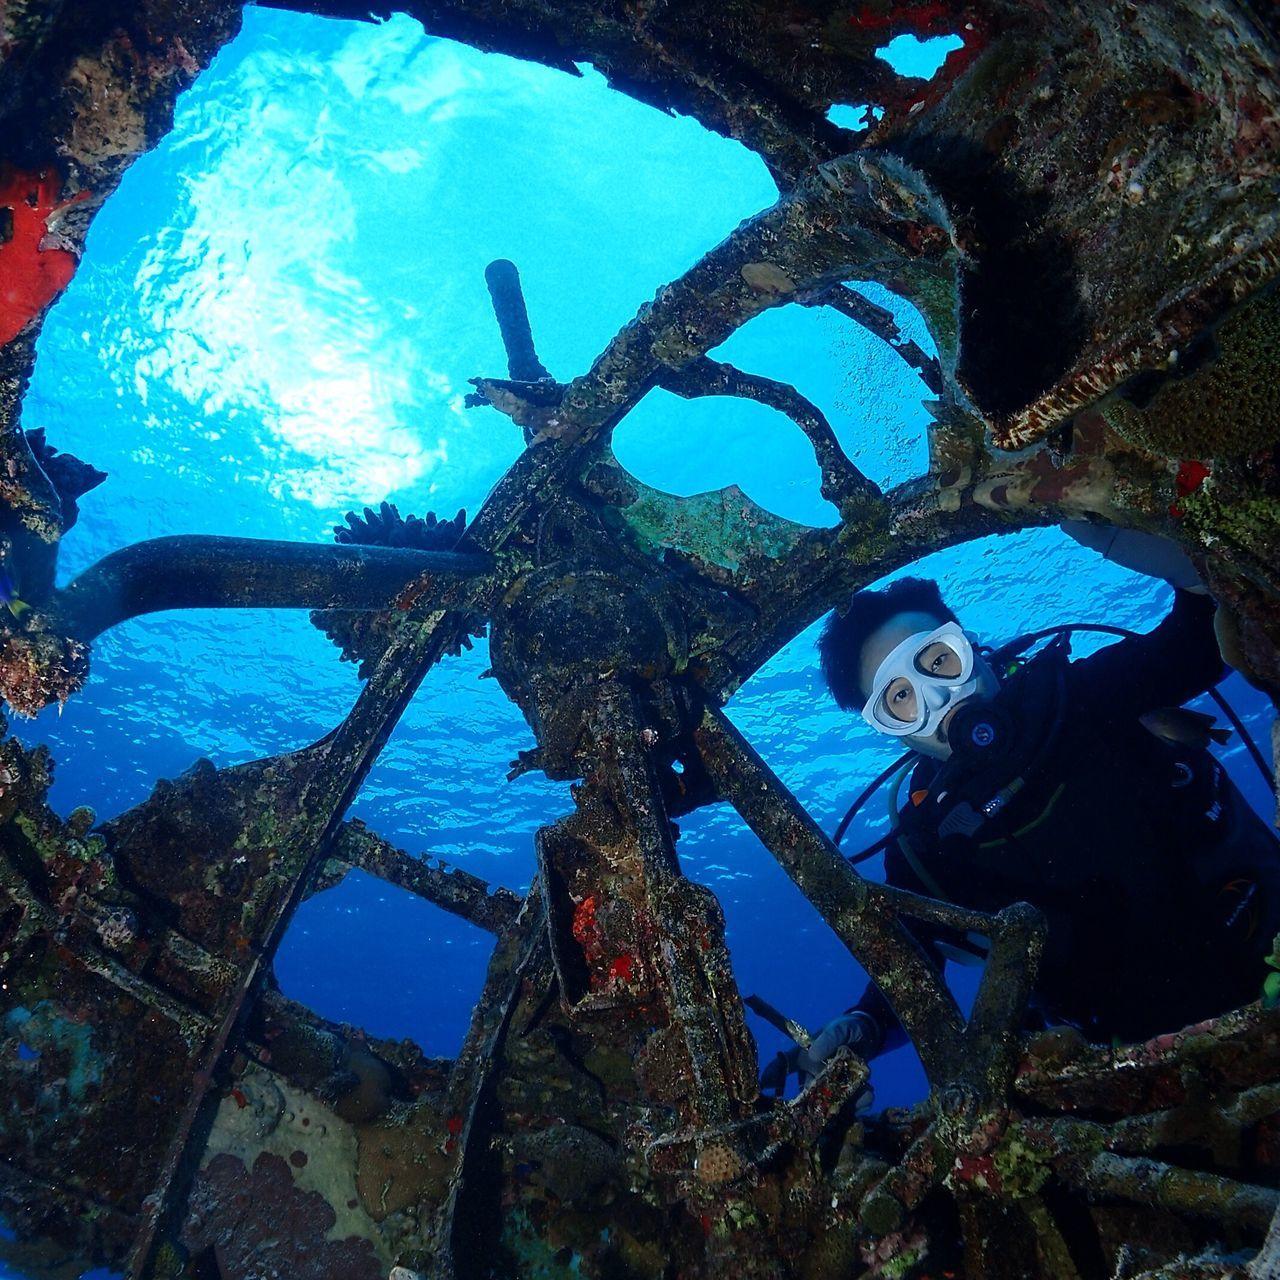 사이판 전투기 스쿠버다이빙 B-29 에밀리 Saipan Wreck Merchinegun 2ndworldwar Underwater Photography Divey2k 송정학강사